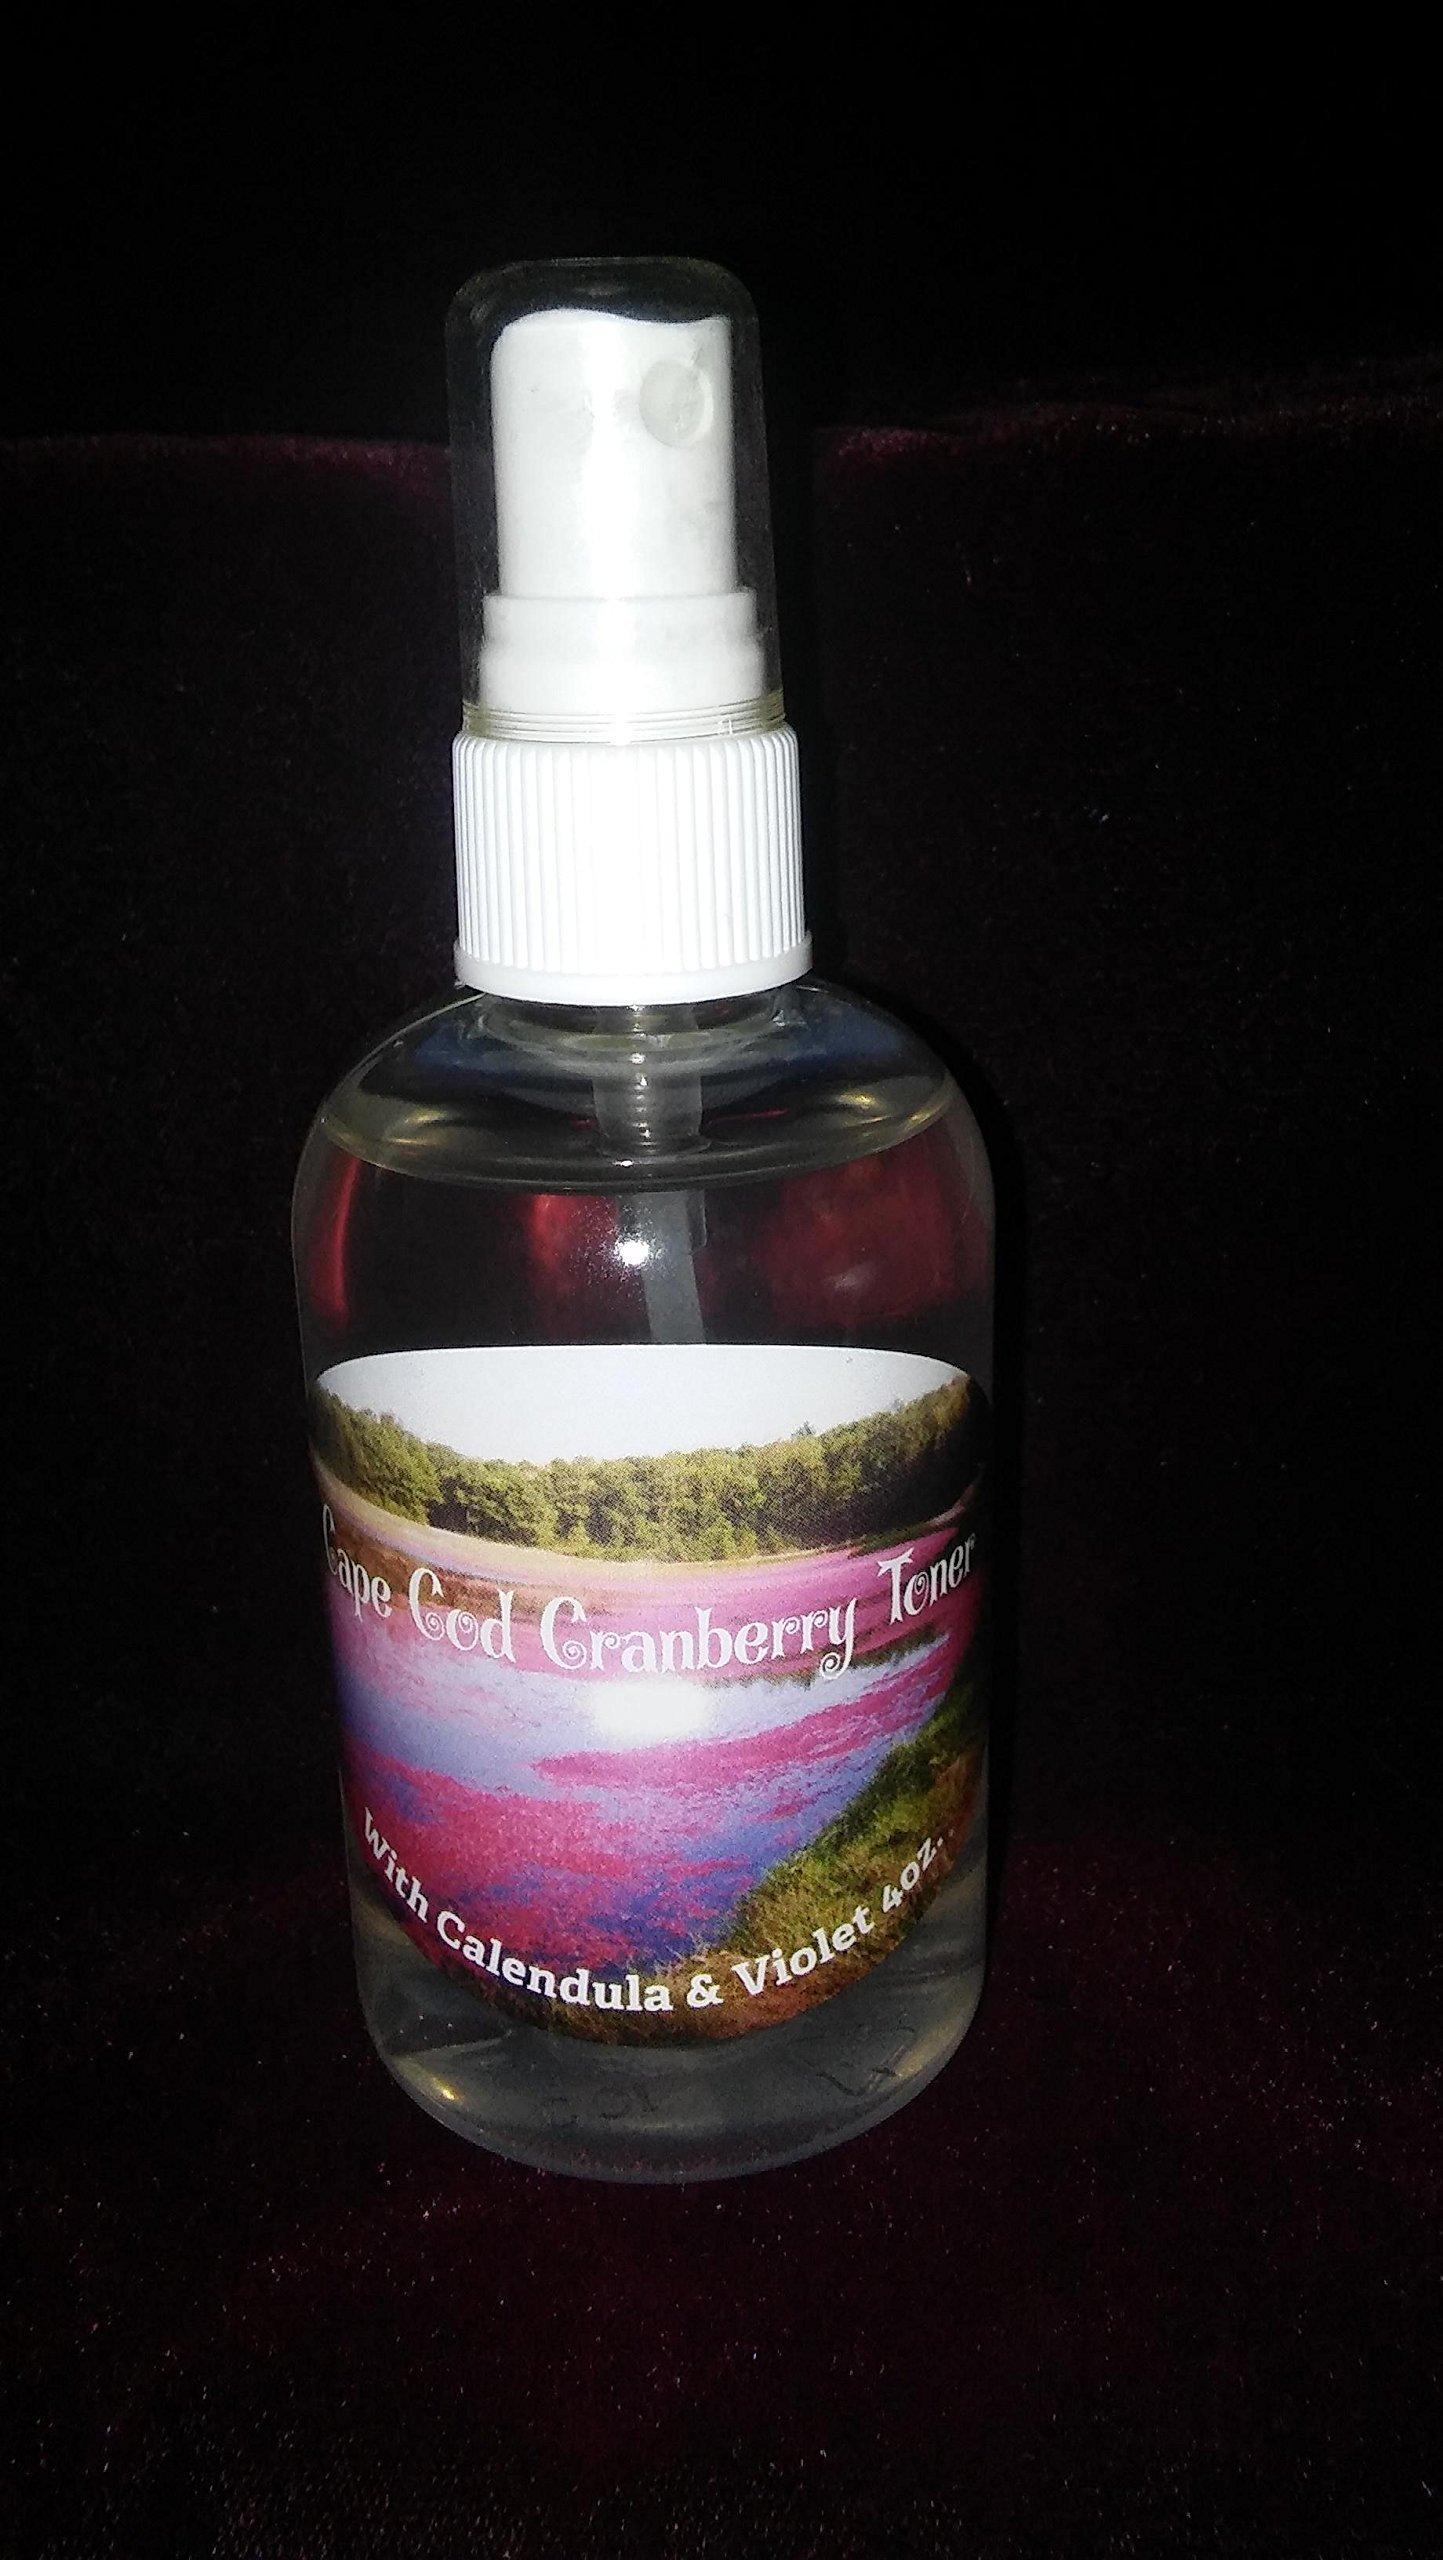 Enhanced Cape Cod Cranberry Toner